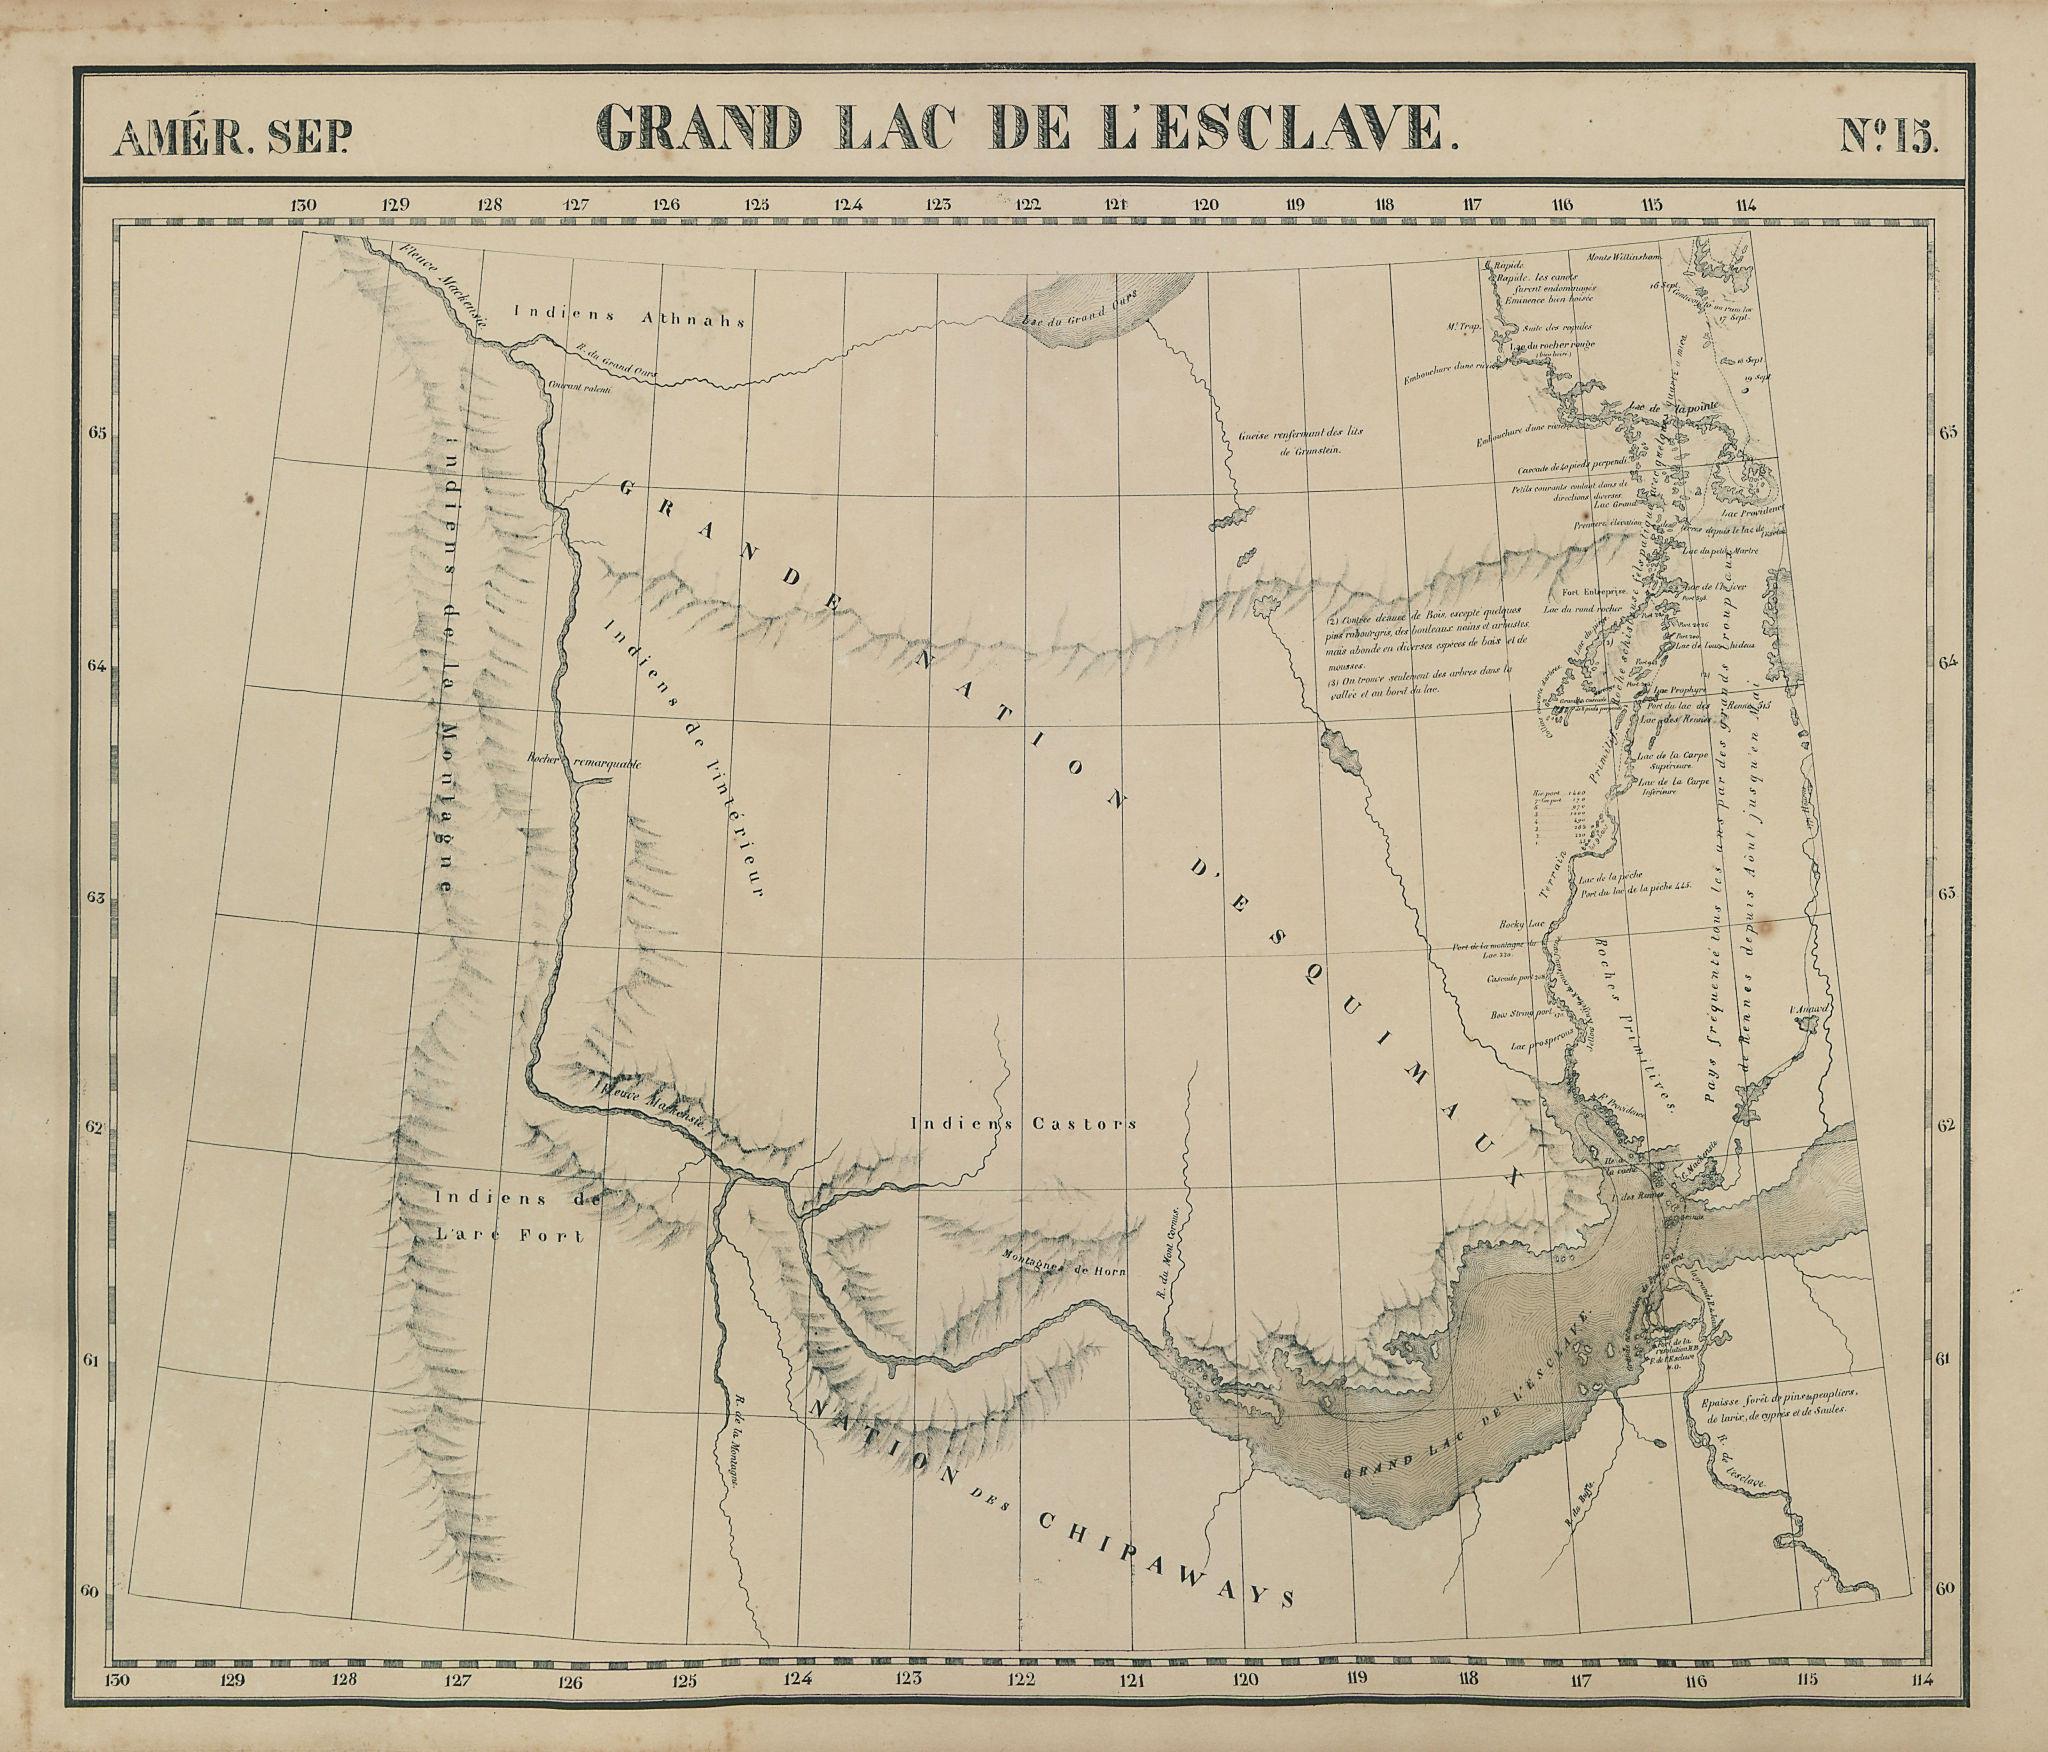 Amér. Sep. Grand Lac de l'Esclave #15. Great Slave Lake. VANDERMAELEN 1827 map